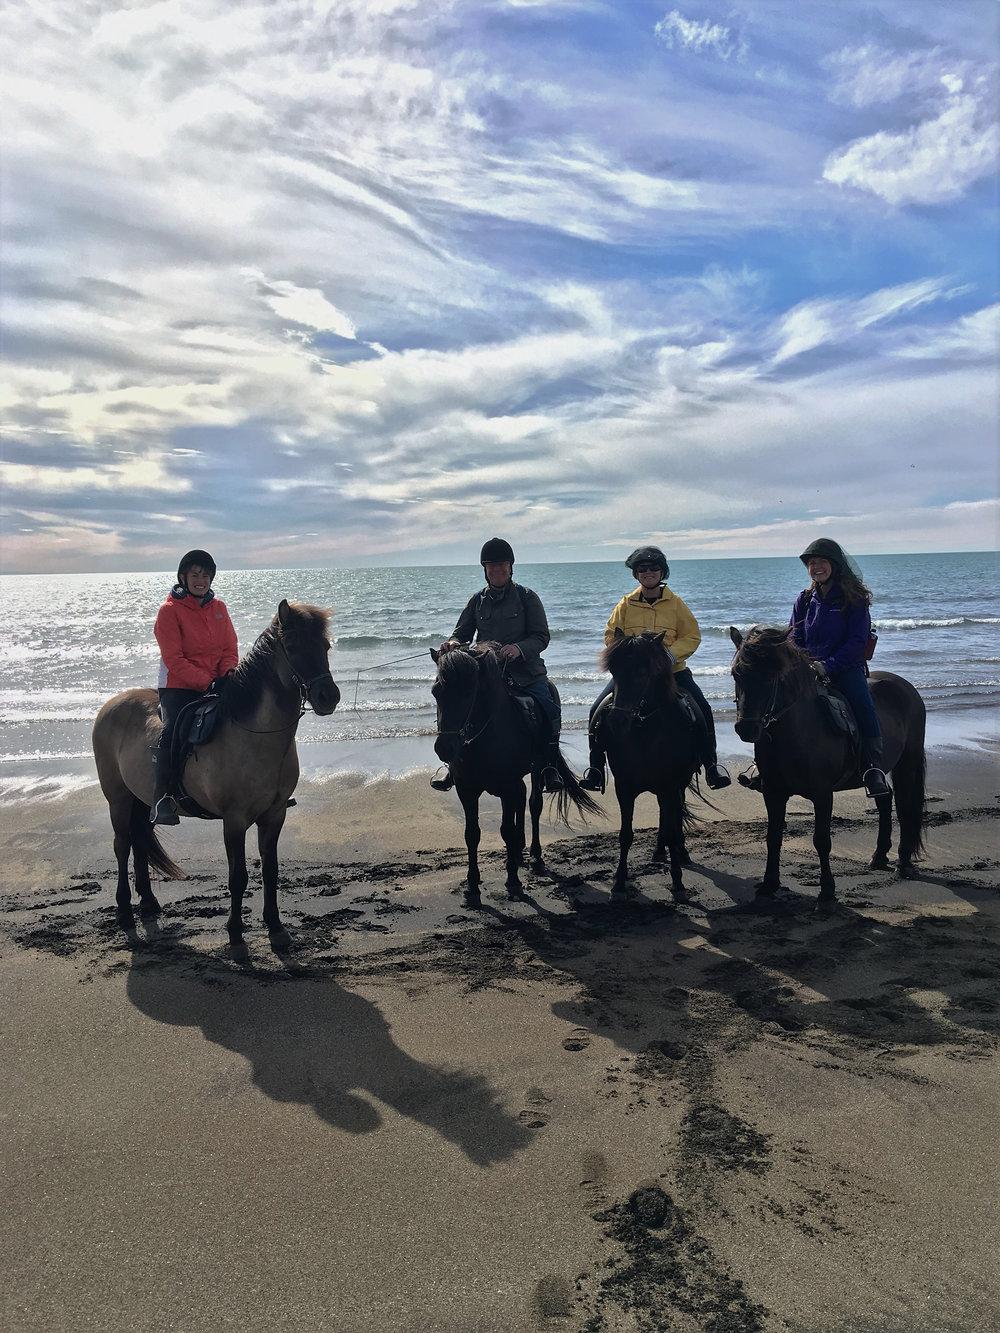 teri_horsebackriding+_Iceland_spiritedtable_photo2.jpg